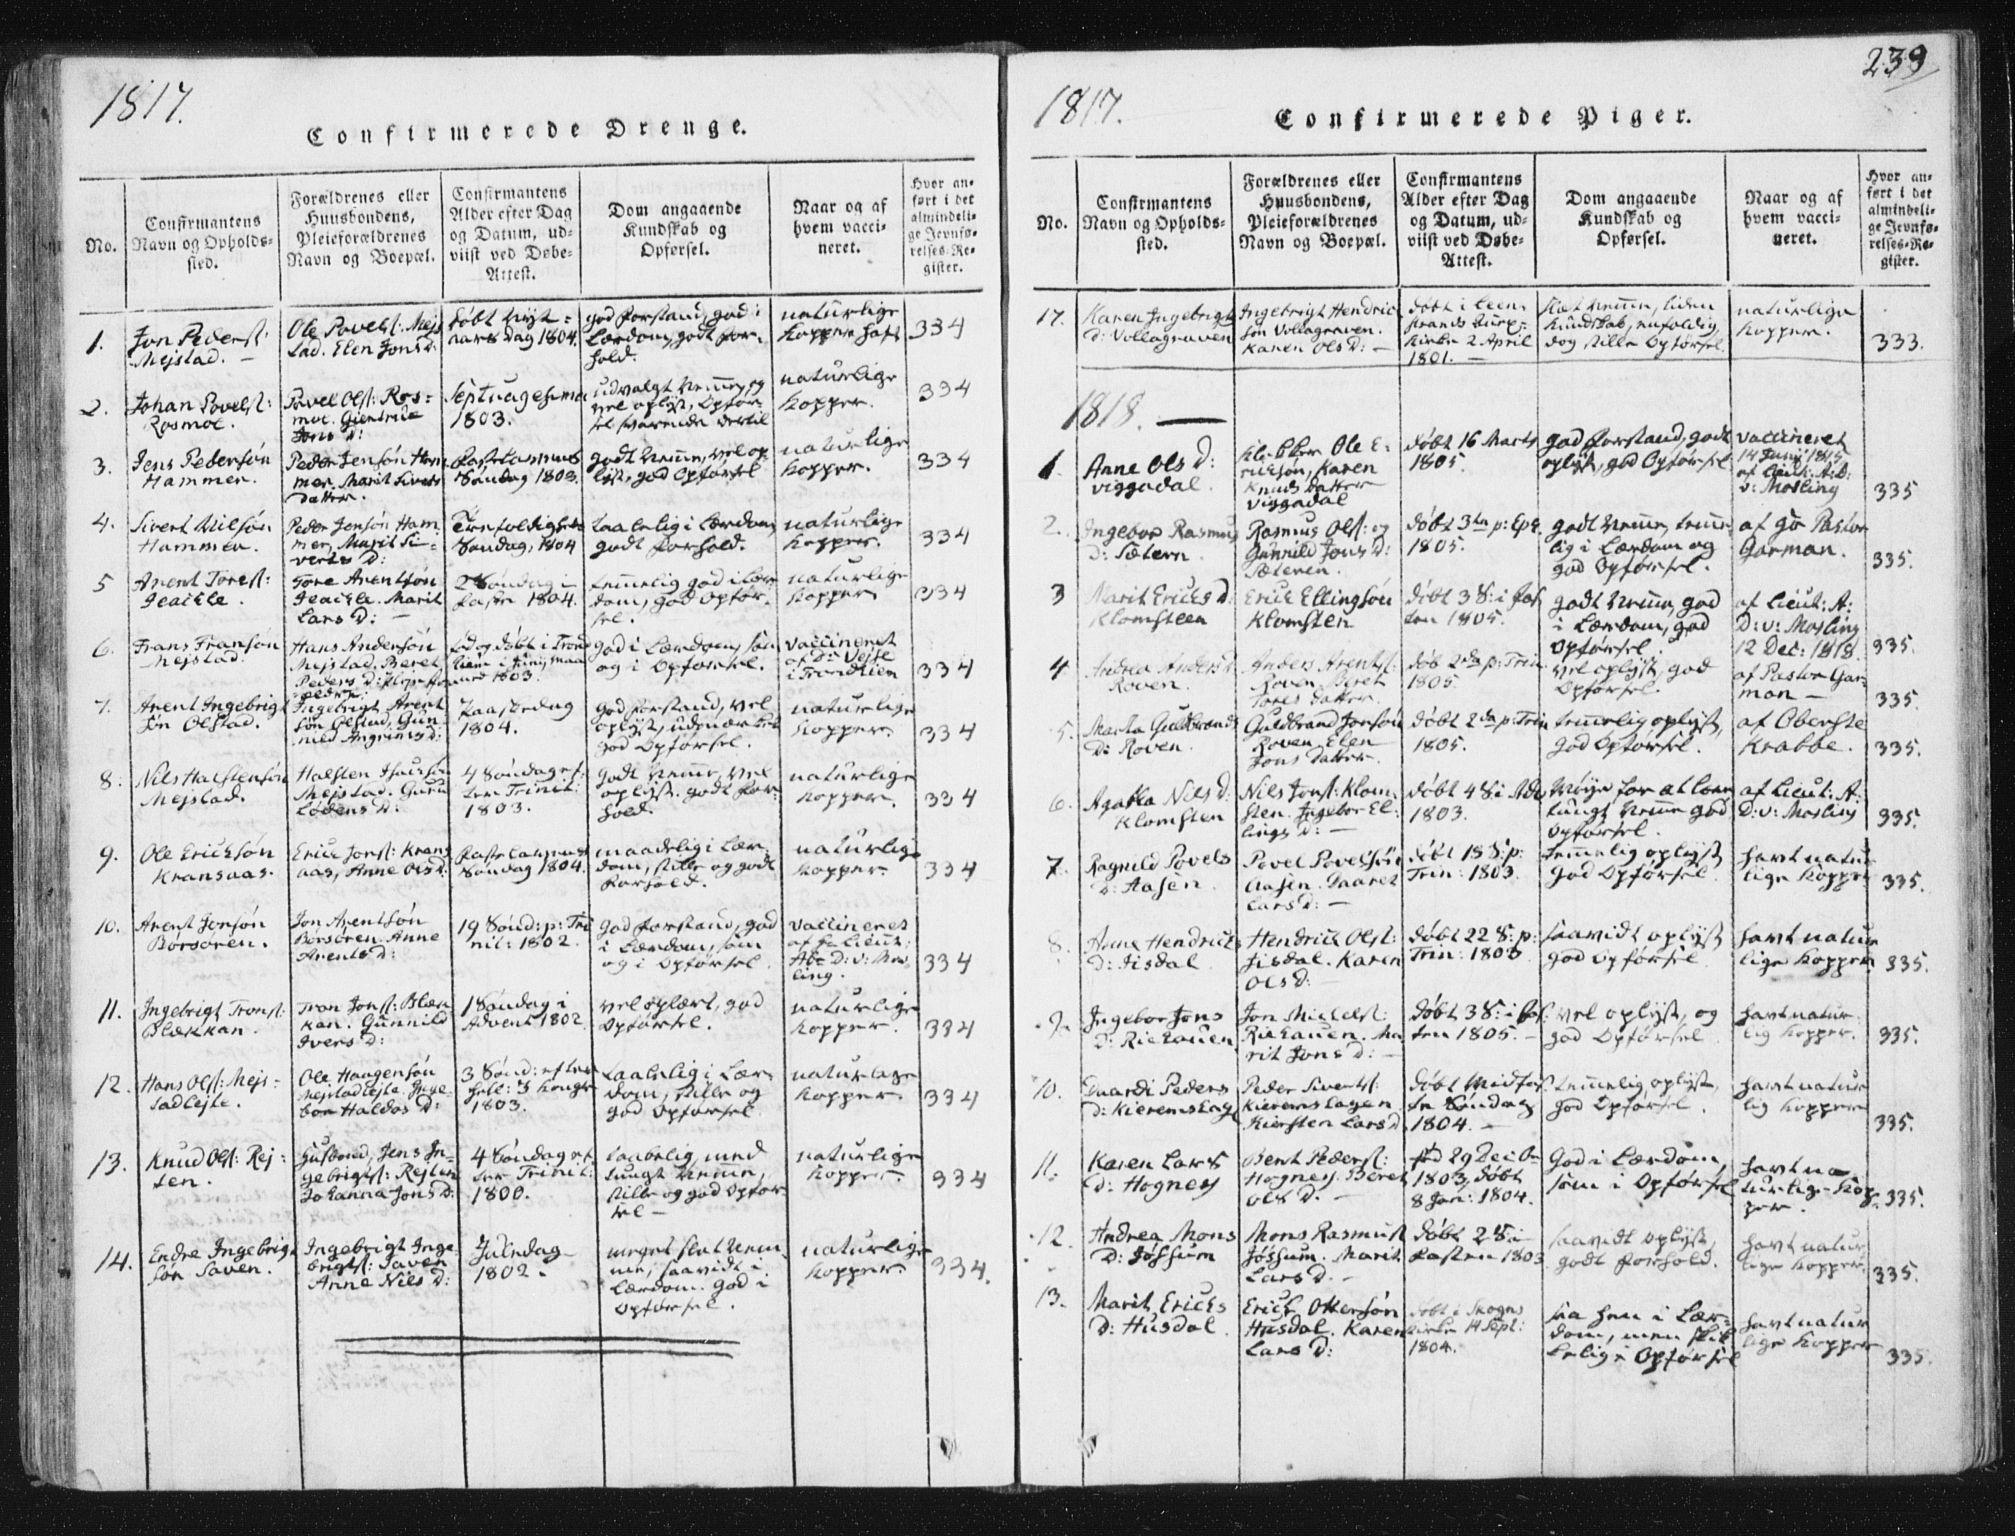 SAT, Ministerialprotokoller, klokkerbøker og fødselsregistre - Sør-Trøndelag, 665/L0770: Ministerialbok nr. 665A05, 1817-1829, s. 239